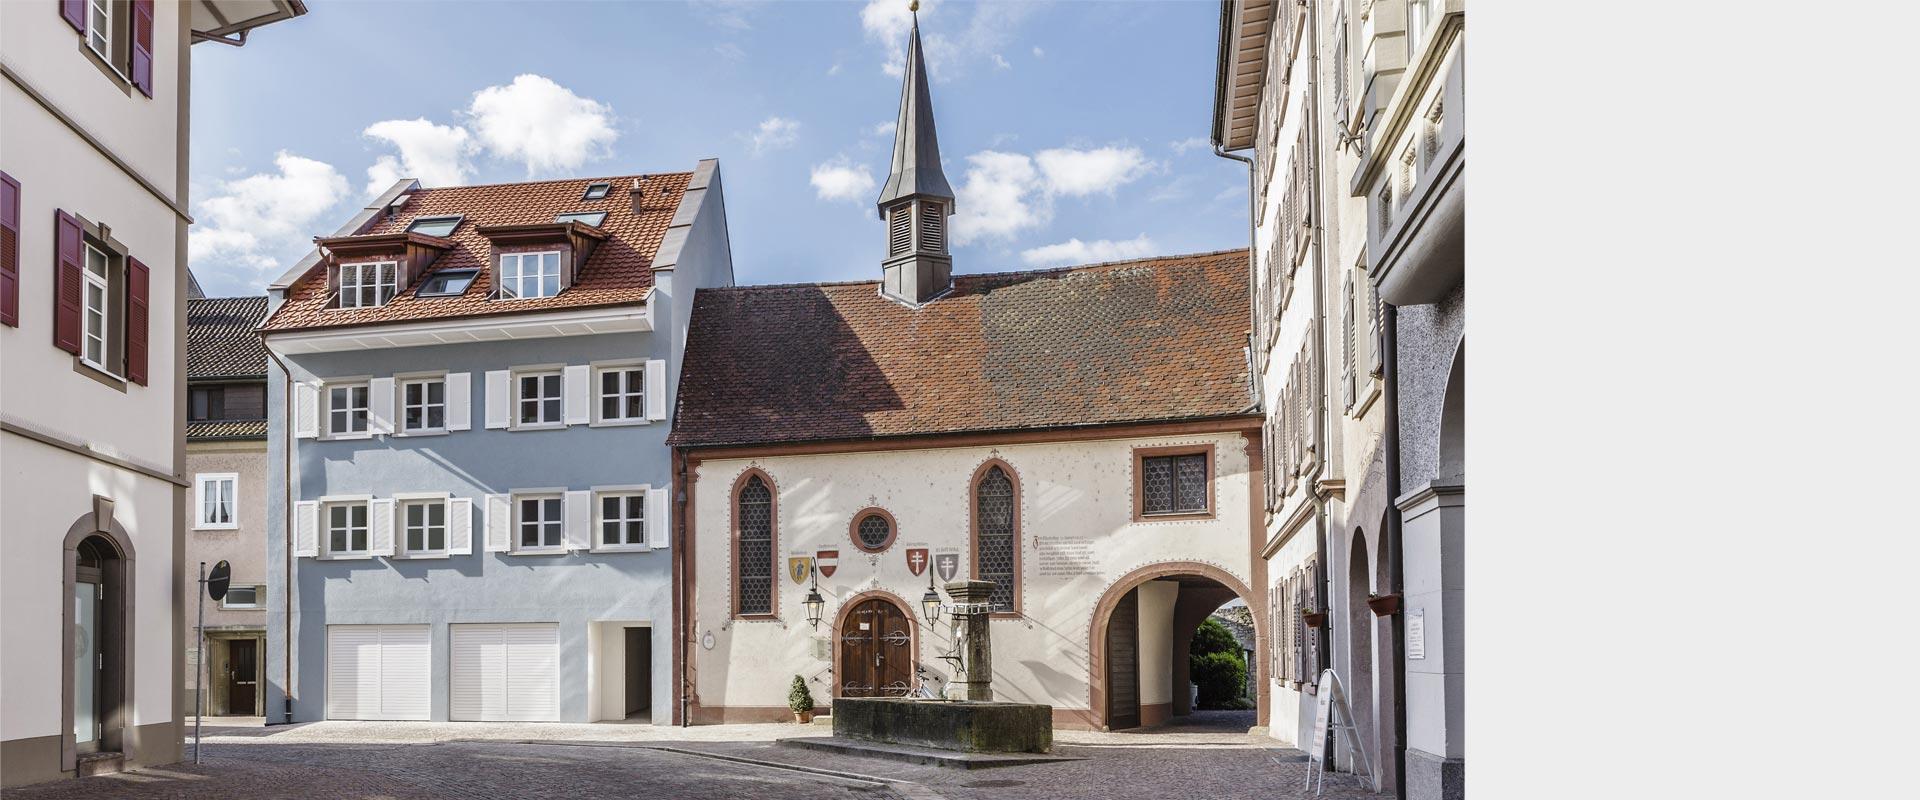 architekturbuero henning musahl waldshut Wohnhaus M.